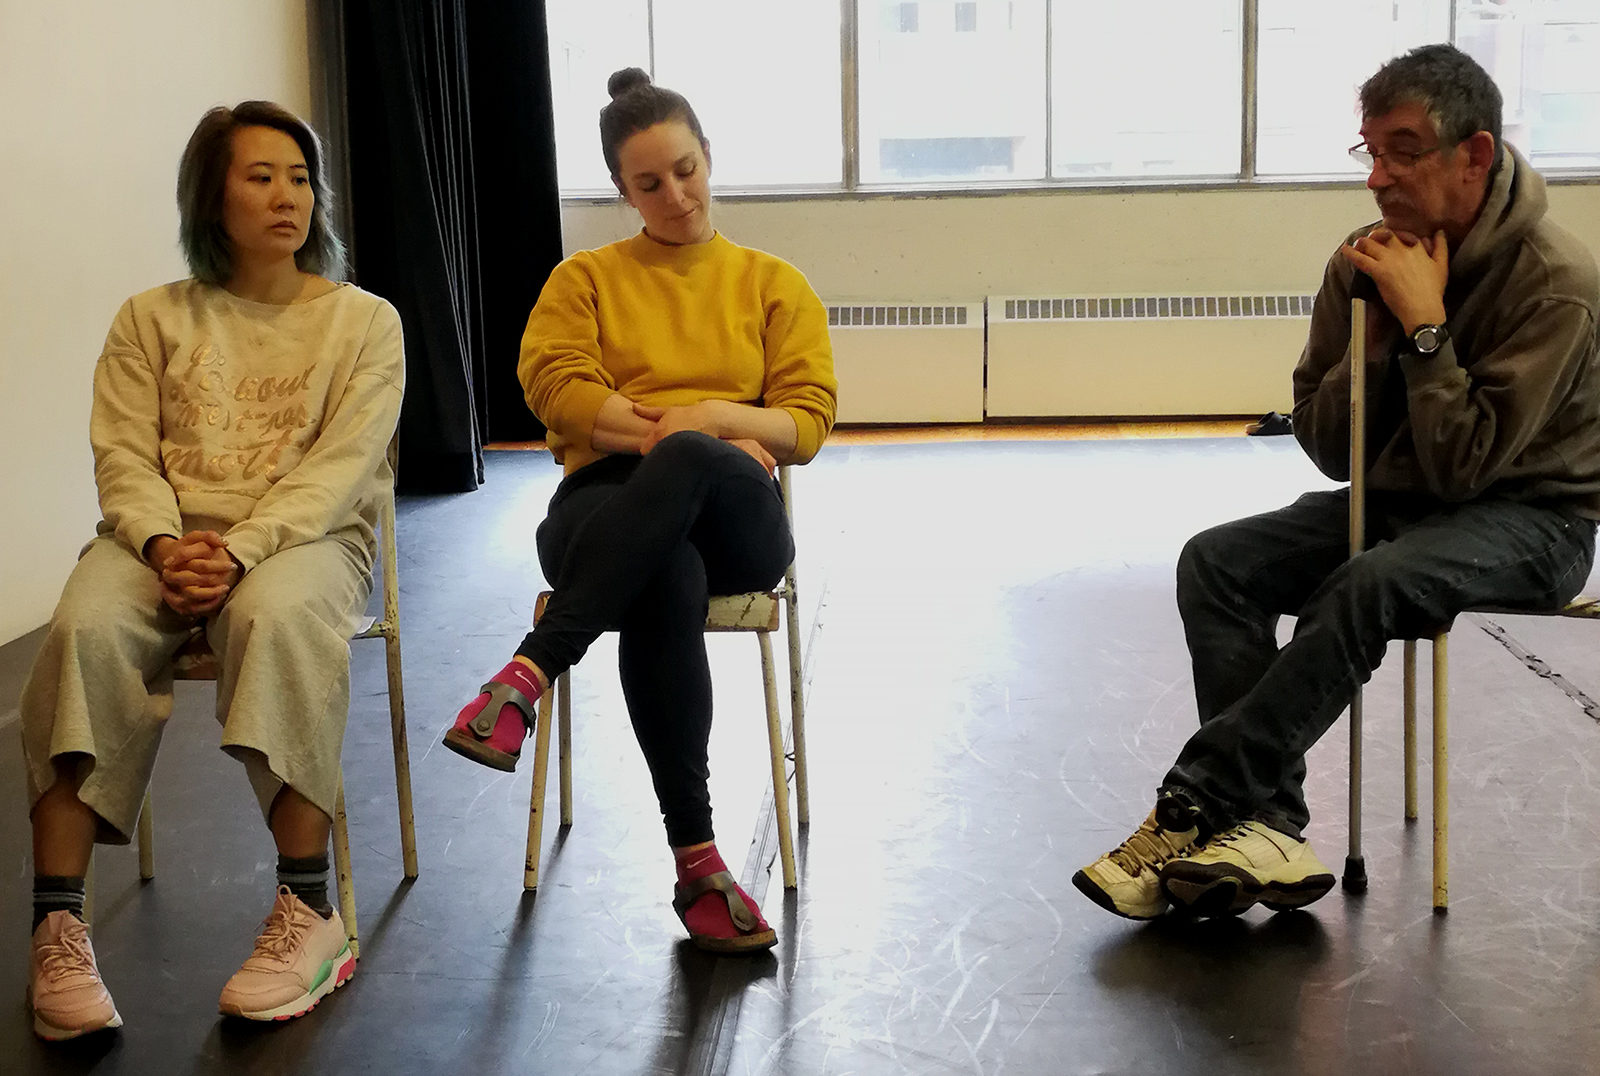 Assis sur des chaises en salle de répétition, les artistes Angie Cheng, Anna Atkinson et Michael Nimbley regardent au sol dans des directions différentes.